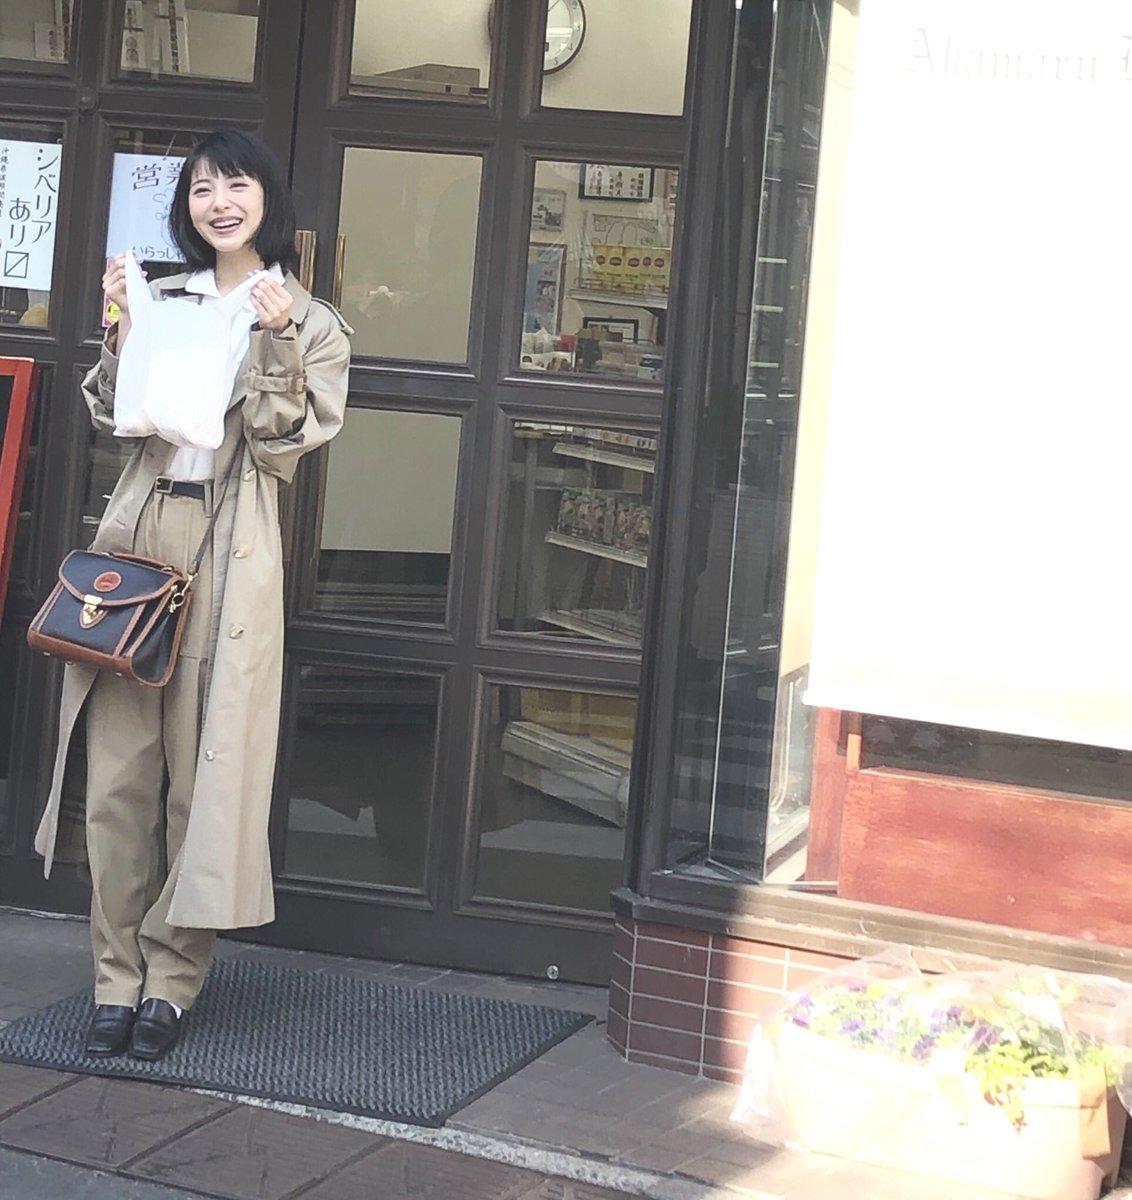 浜辺美波さんの投稿画像